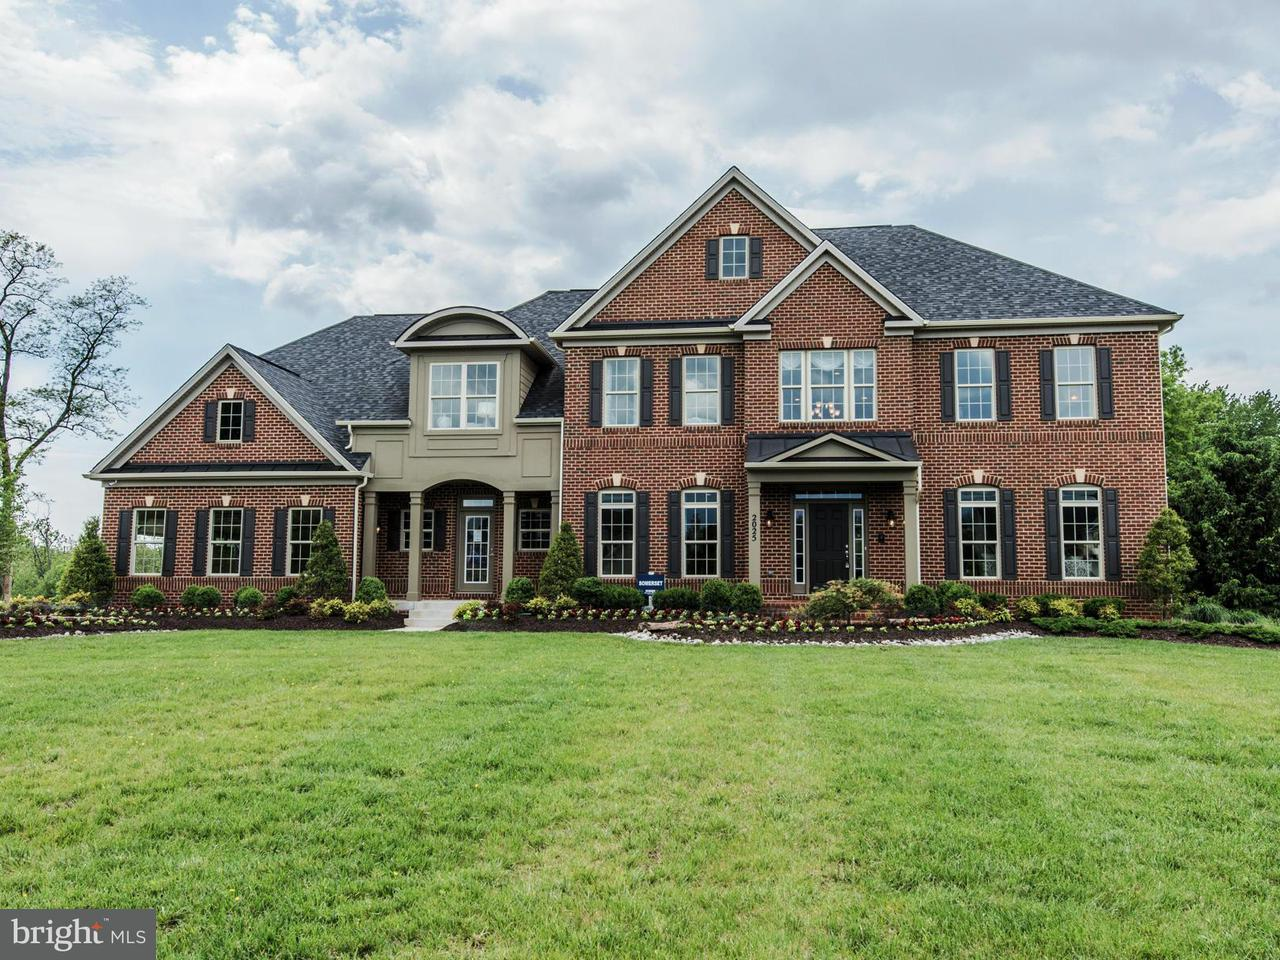 Μονοκατοικία για την Πώληση στο 2025 DROVERS Lane 2025 DROVERS Lane Cooksville, Μεριλαντ 21723 Ηνωμενεσ Πολιτειεσ